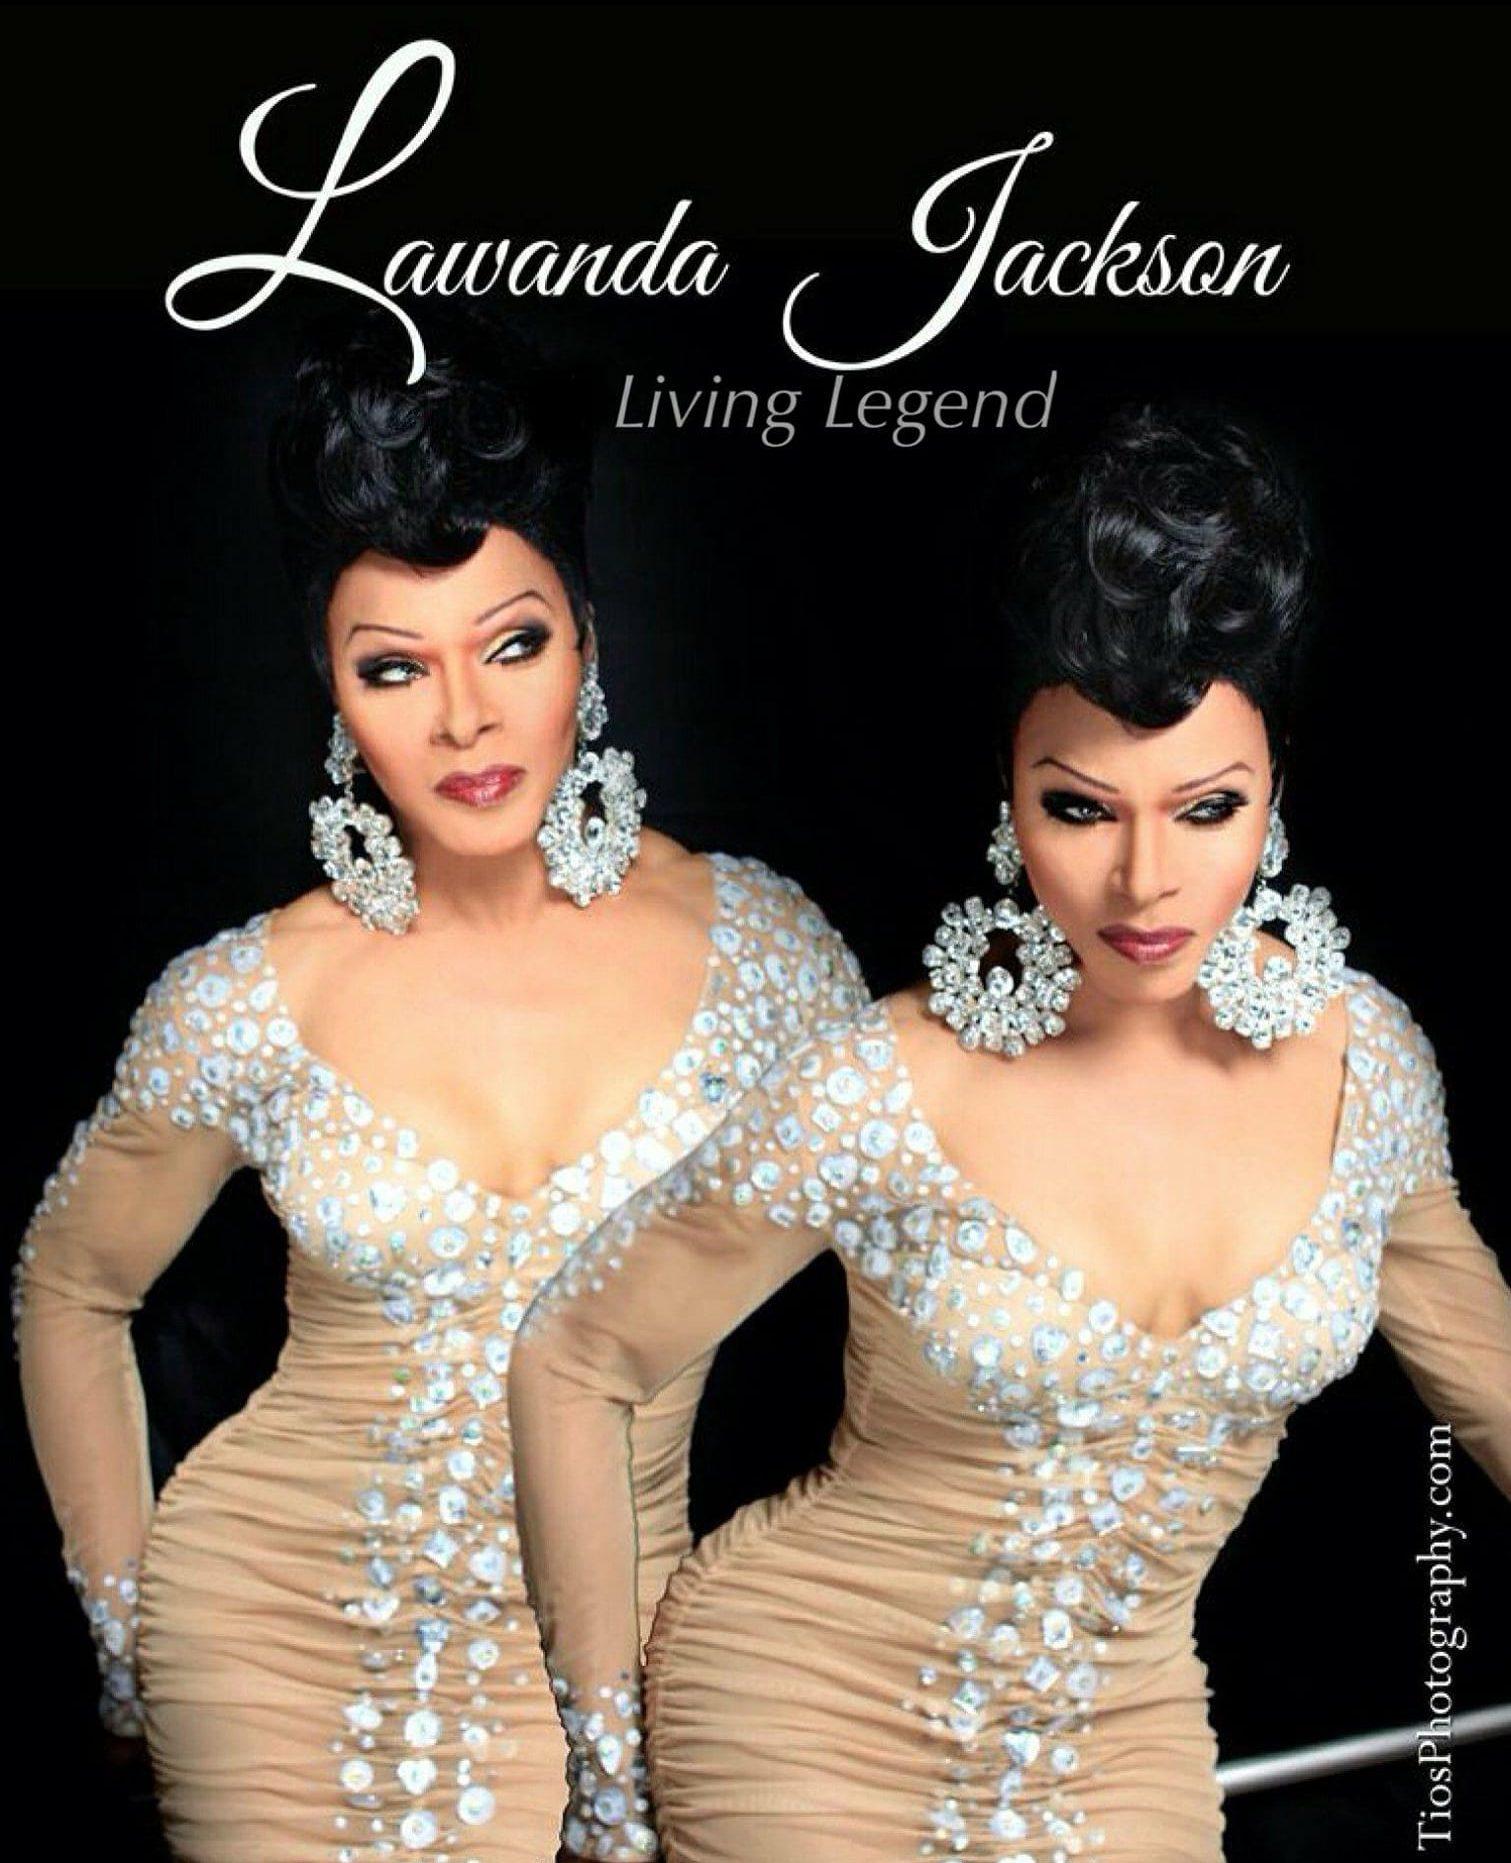 Lawanda Jackson - Photo by Tios Photography